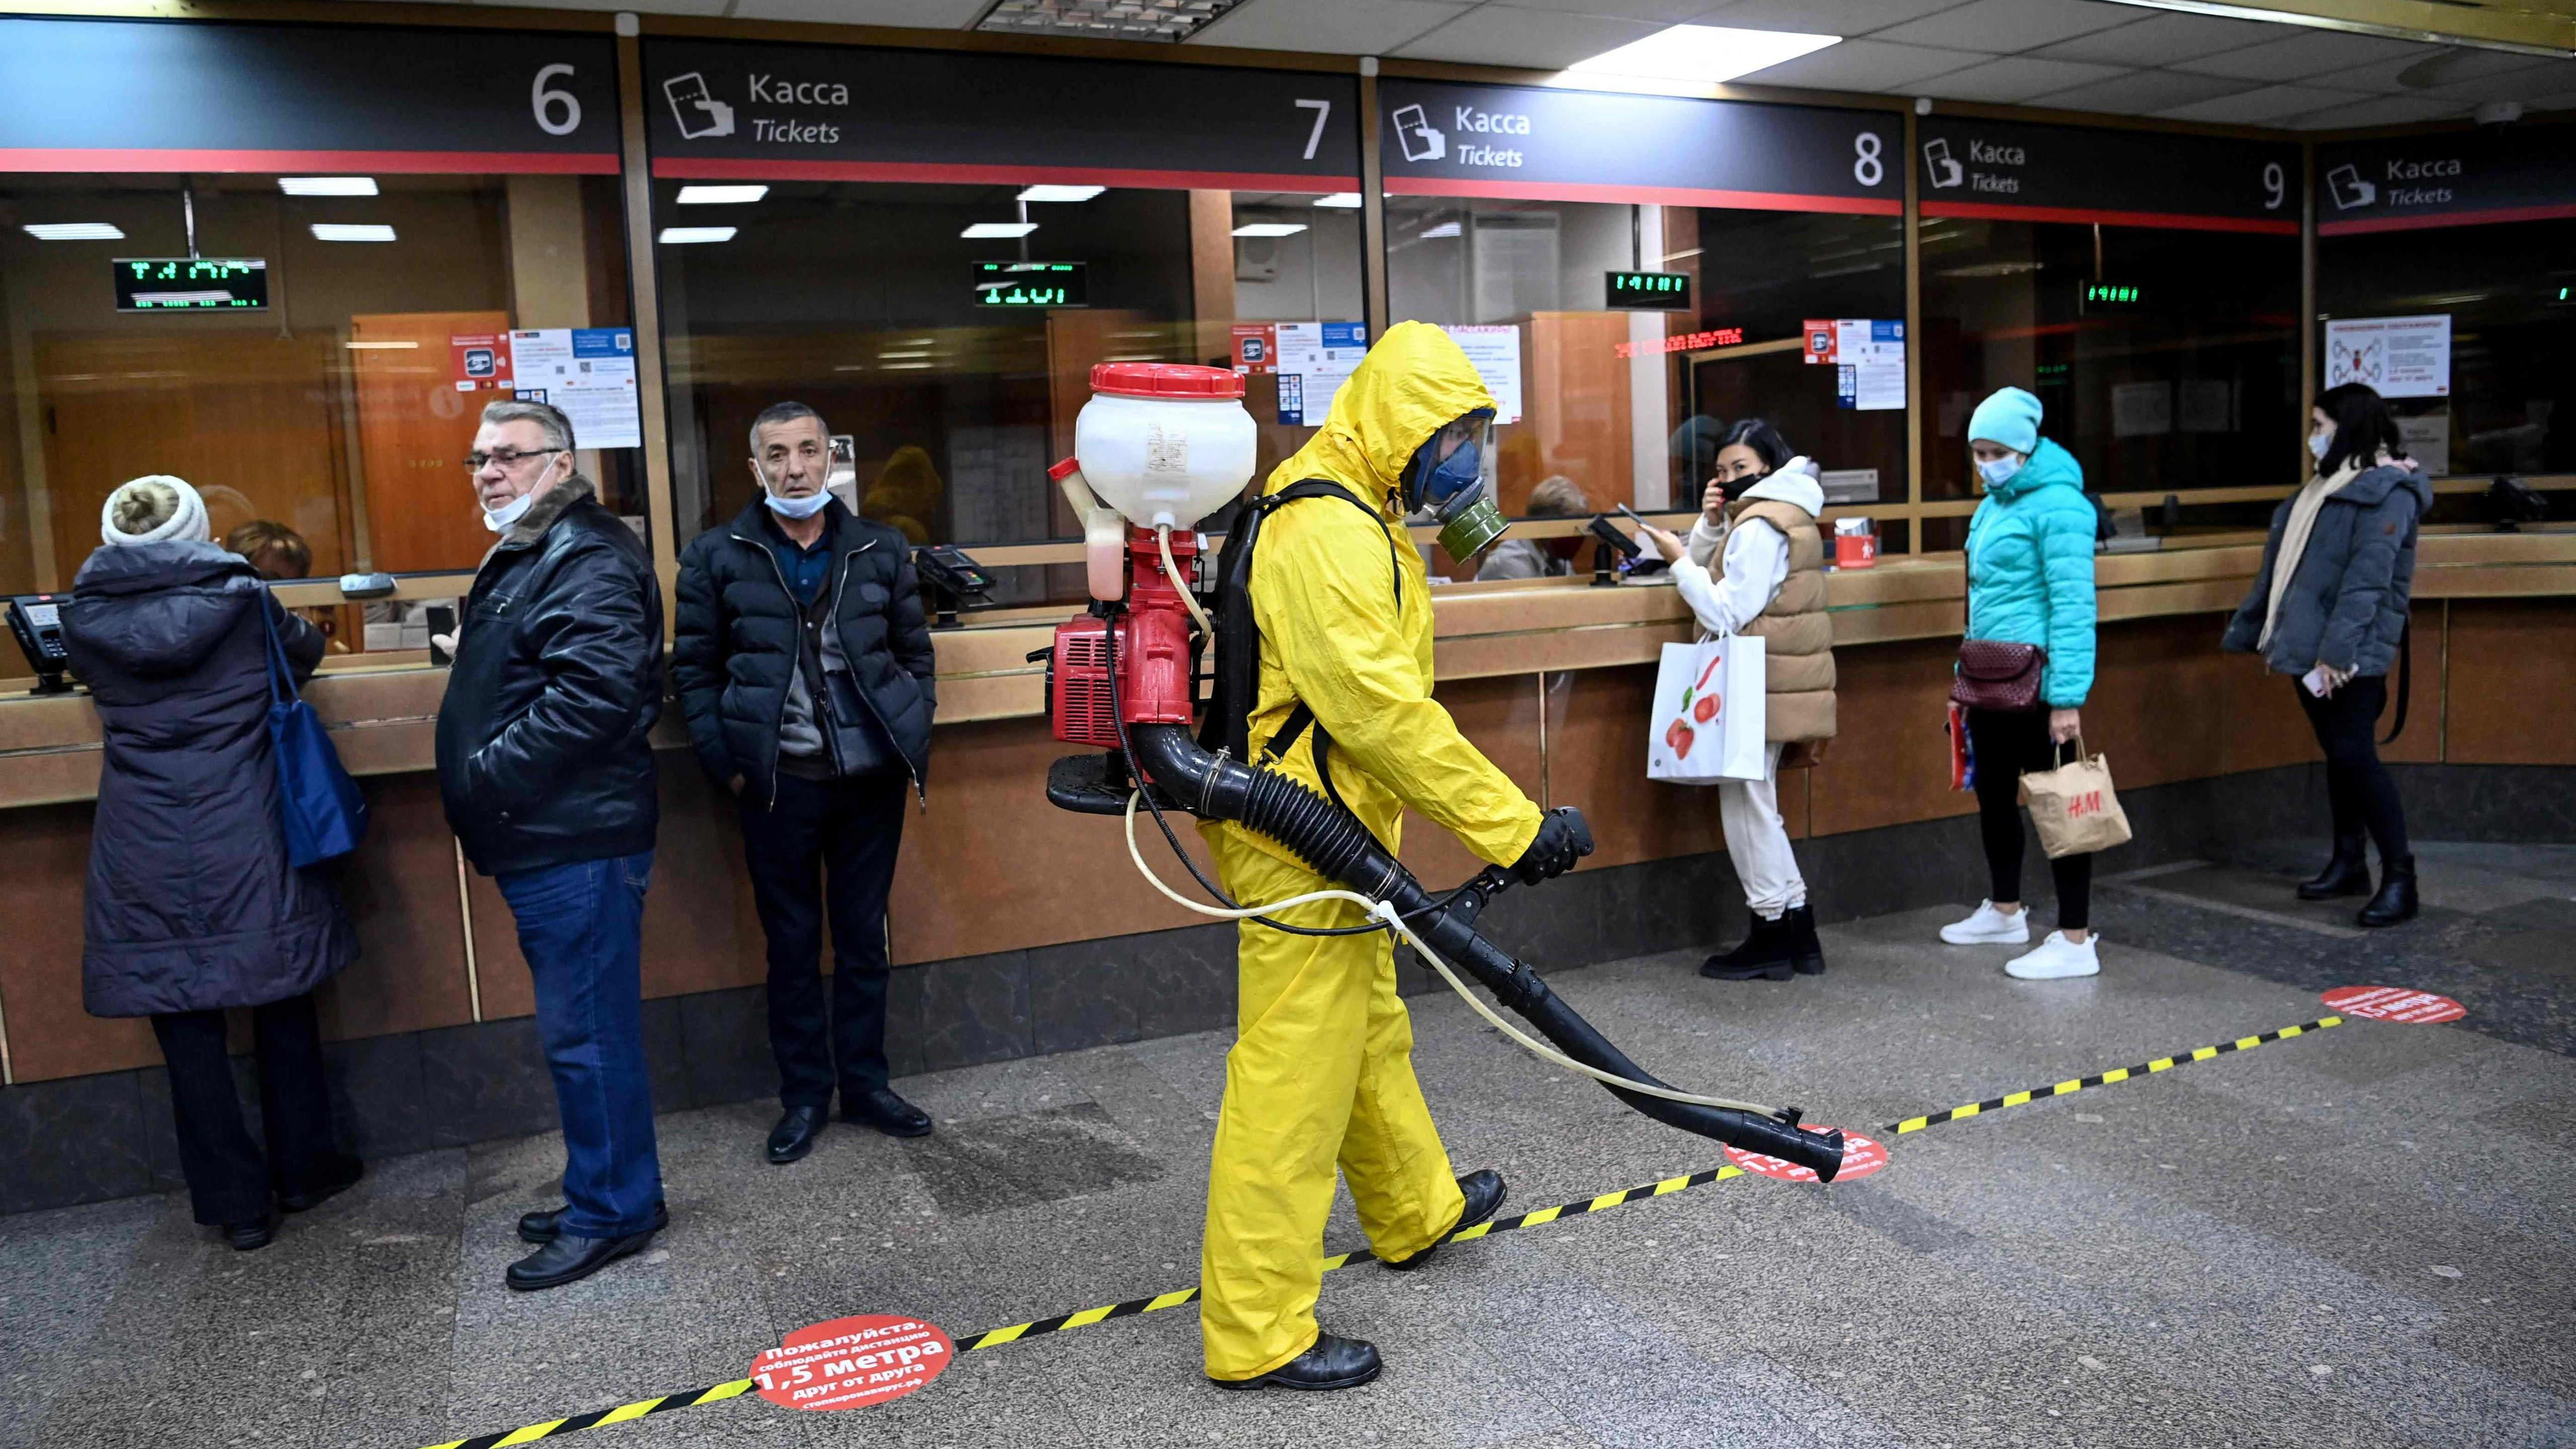 Suojapukuinen henkilö definsioimassa Moskovan rautatieasemalla.